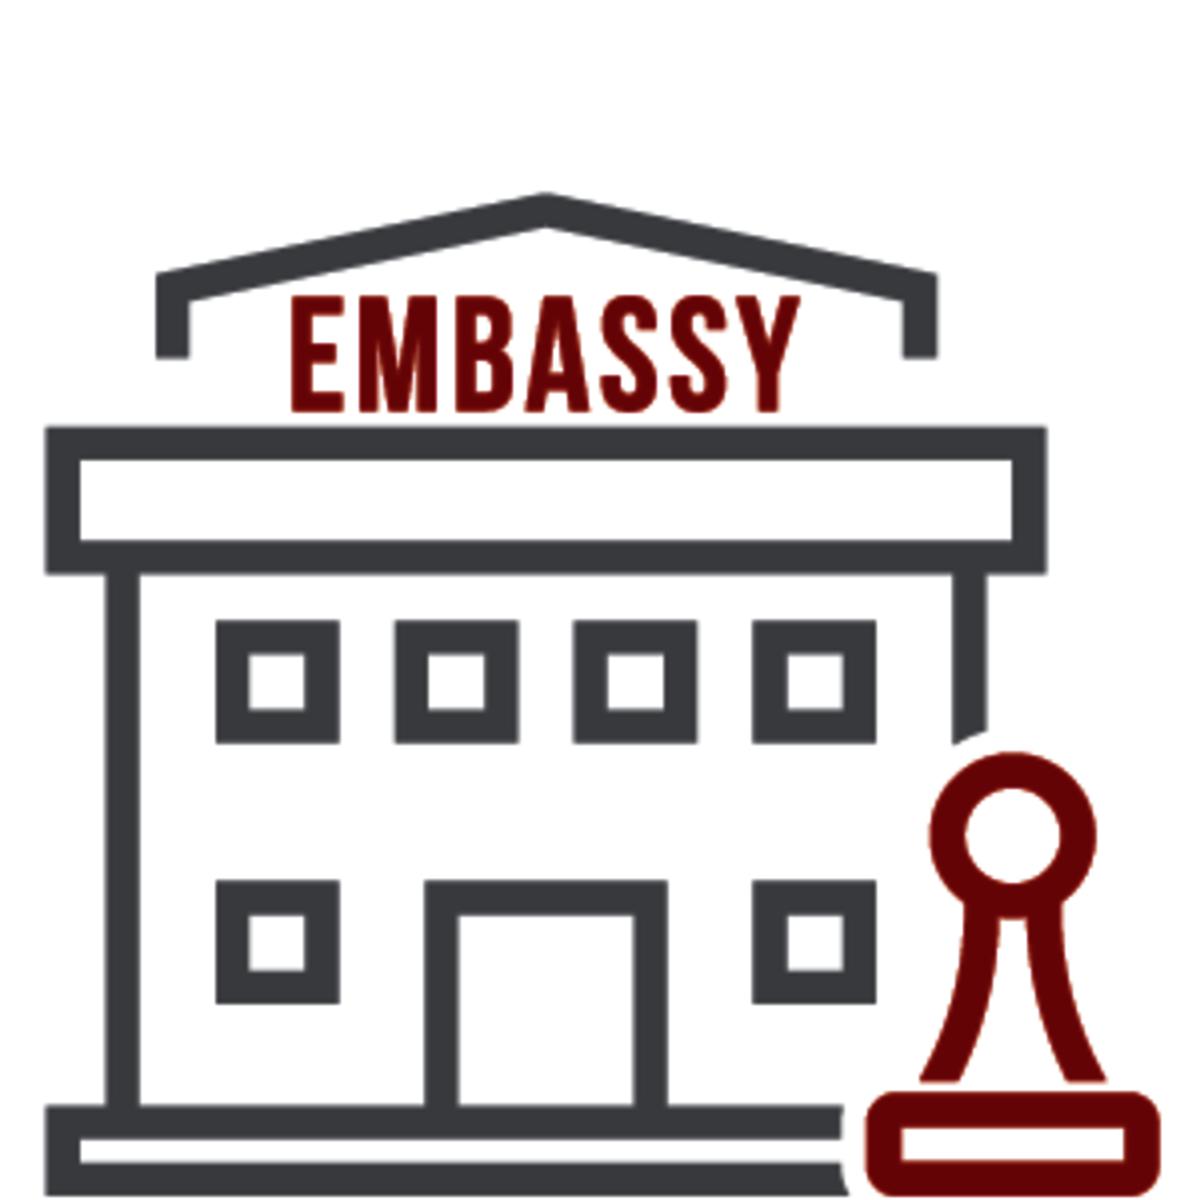 LT Lawtank - Traduction légalisée - Surlégalisation par l'ambassade / le consulat